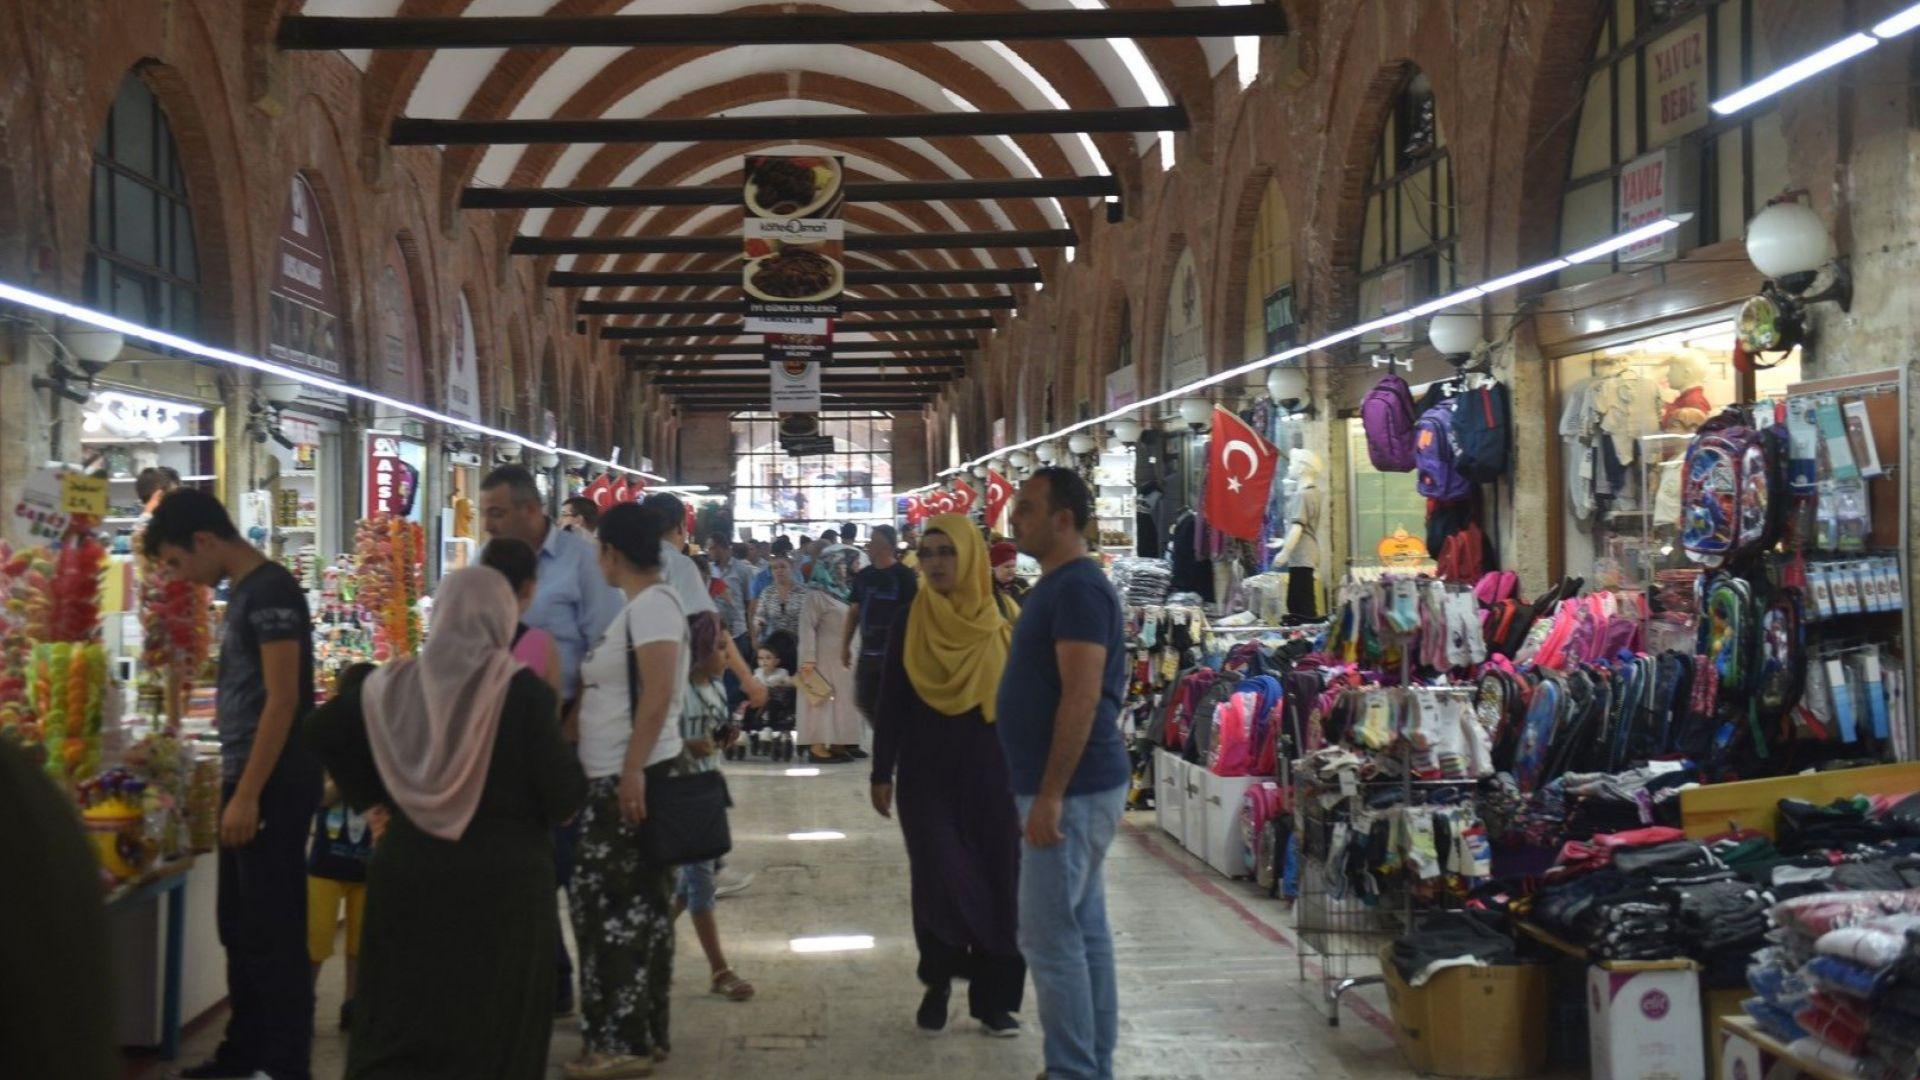 Българи завладяха пазарите в Одрин и крайграничните турски селища